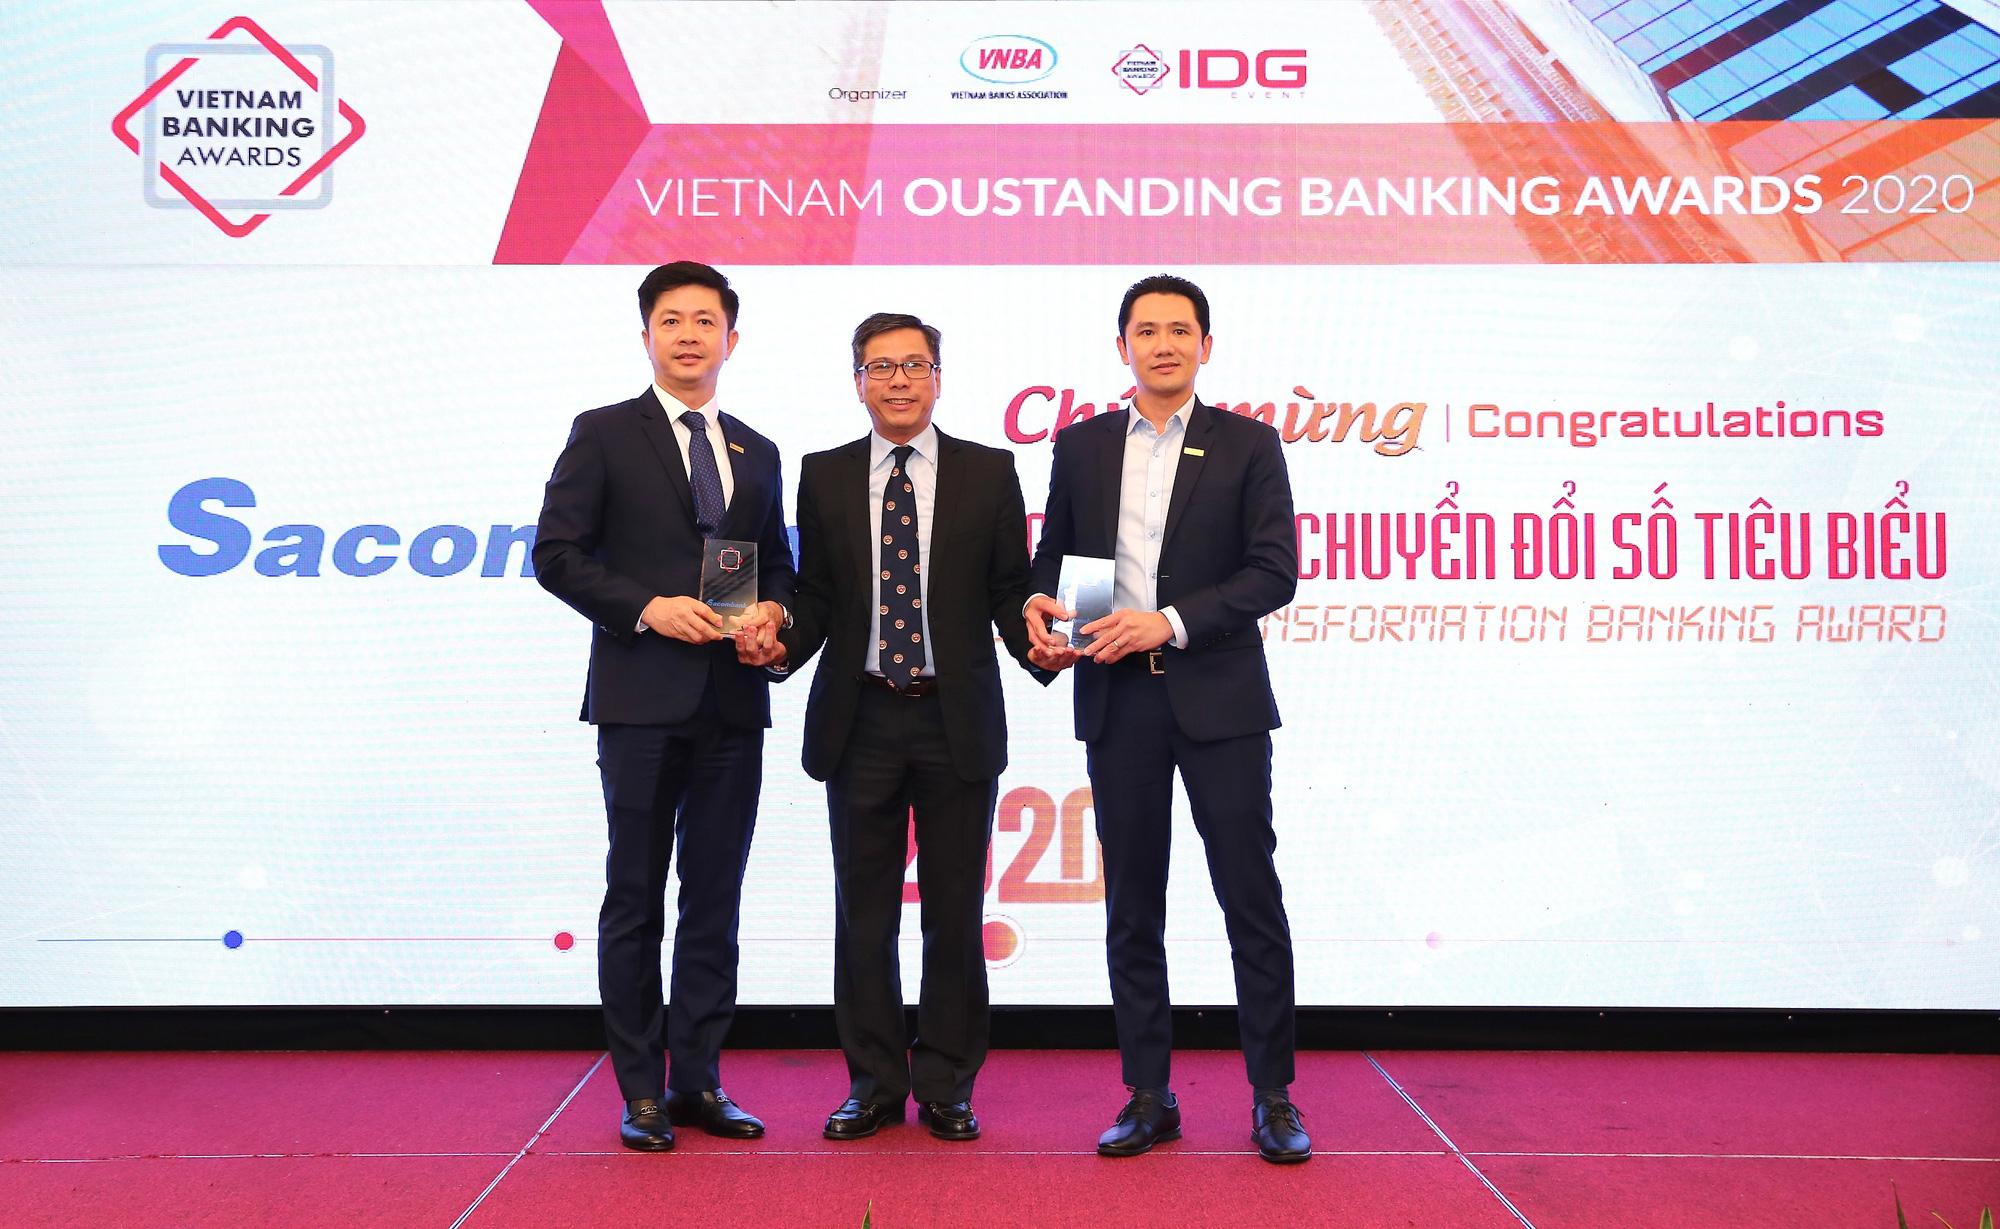 Sacombank nhận 2 giải thưởng về bán lẻ và chuyển đổi số - Ảnh 1.